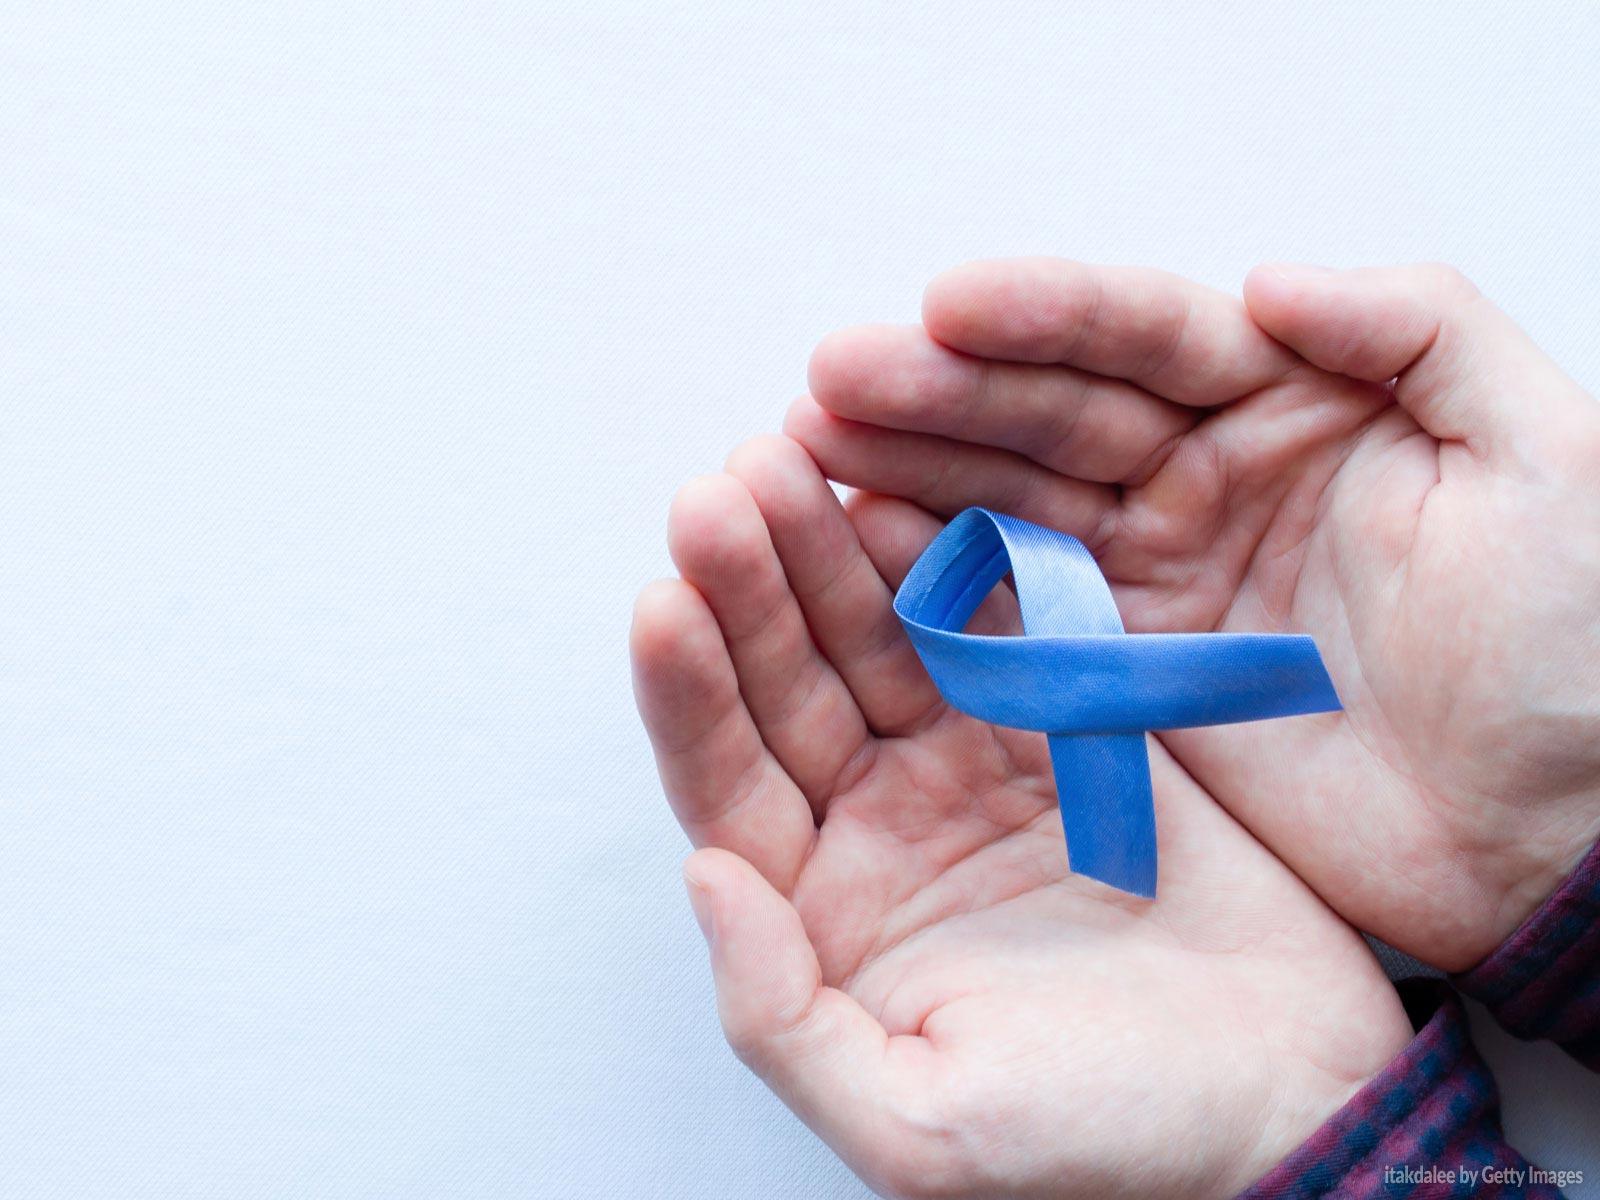 Formacao Homens Conscientizacao E Prevencao Ao Cancer De Prostata 1